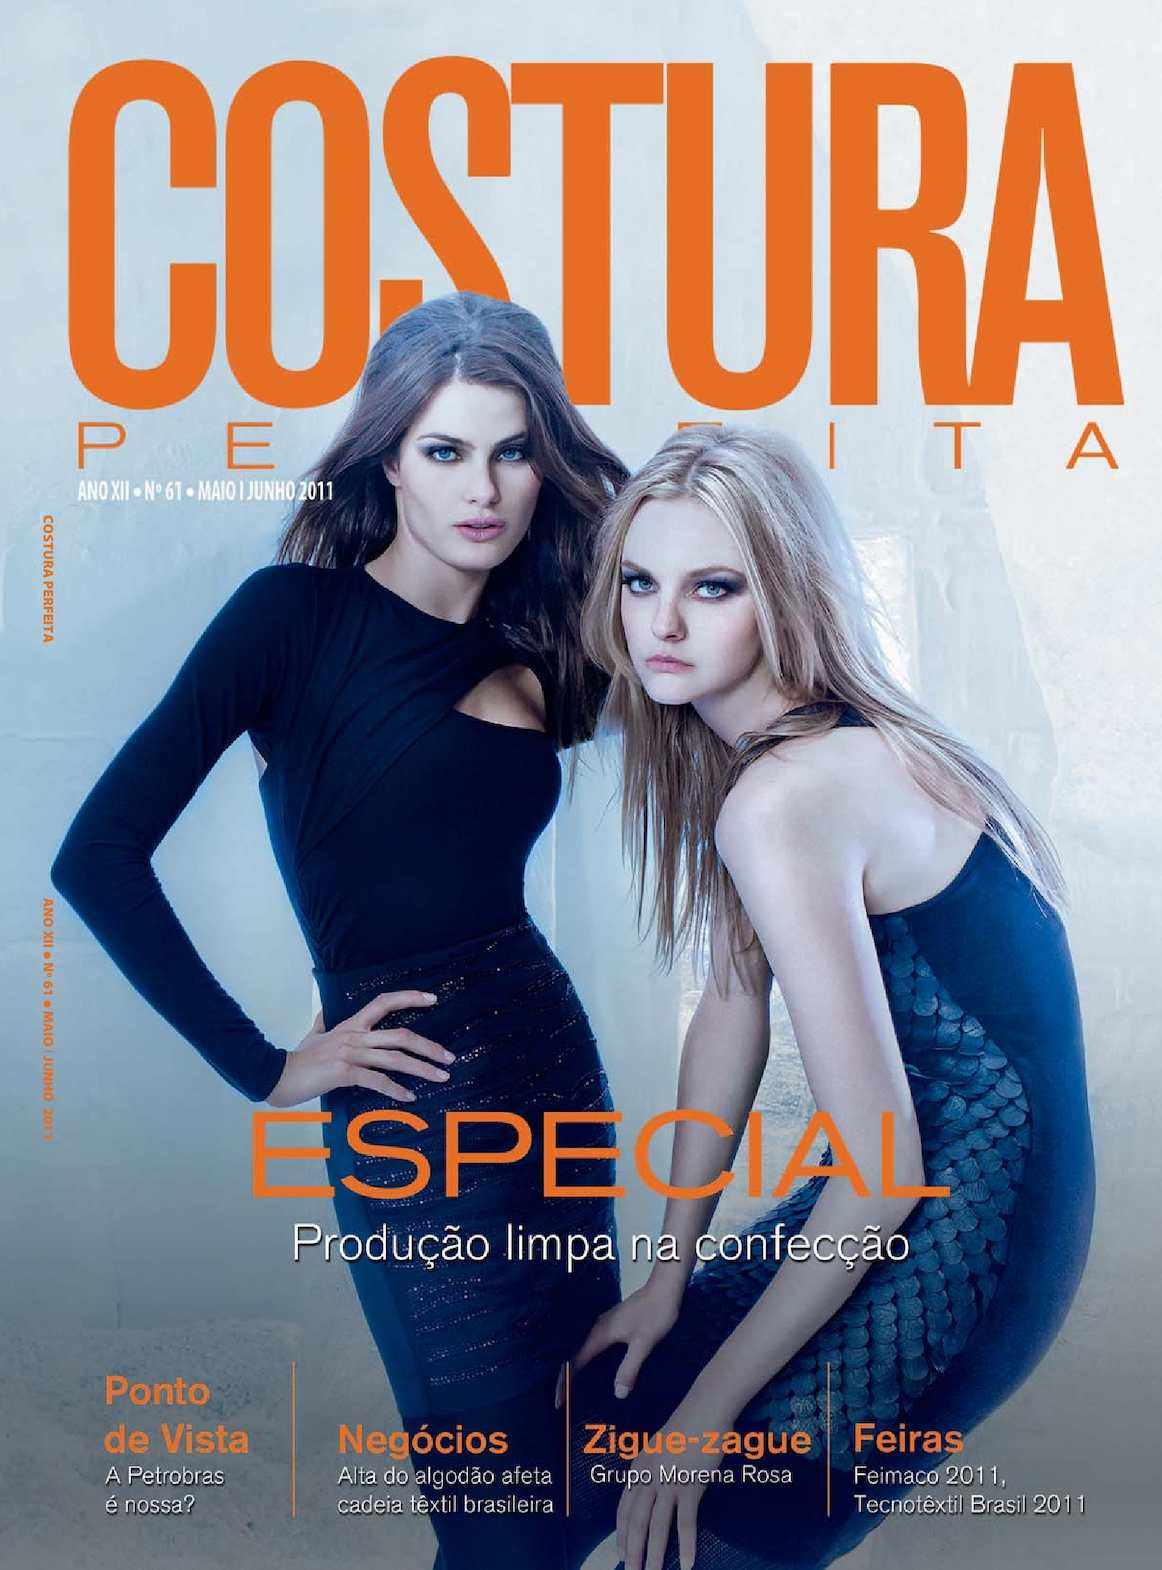 48796c8265 Calaméo - Revista Costura Perfeita Edição Ano XII - N61 - Maio-Junho 2011